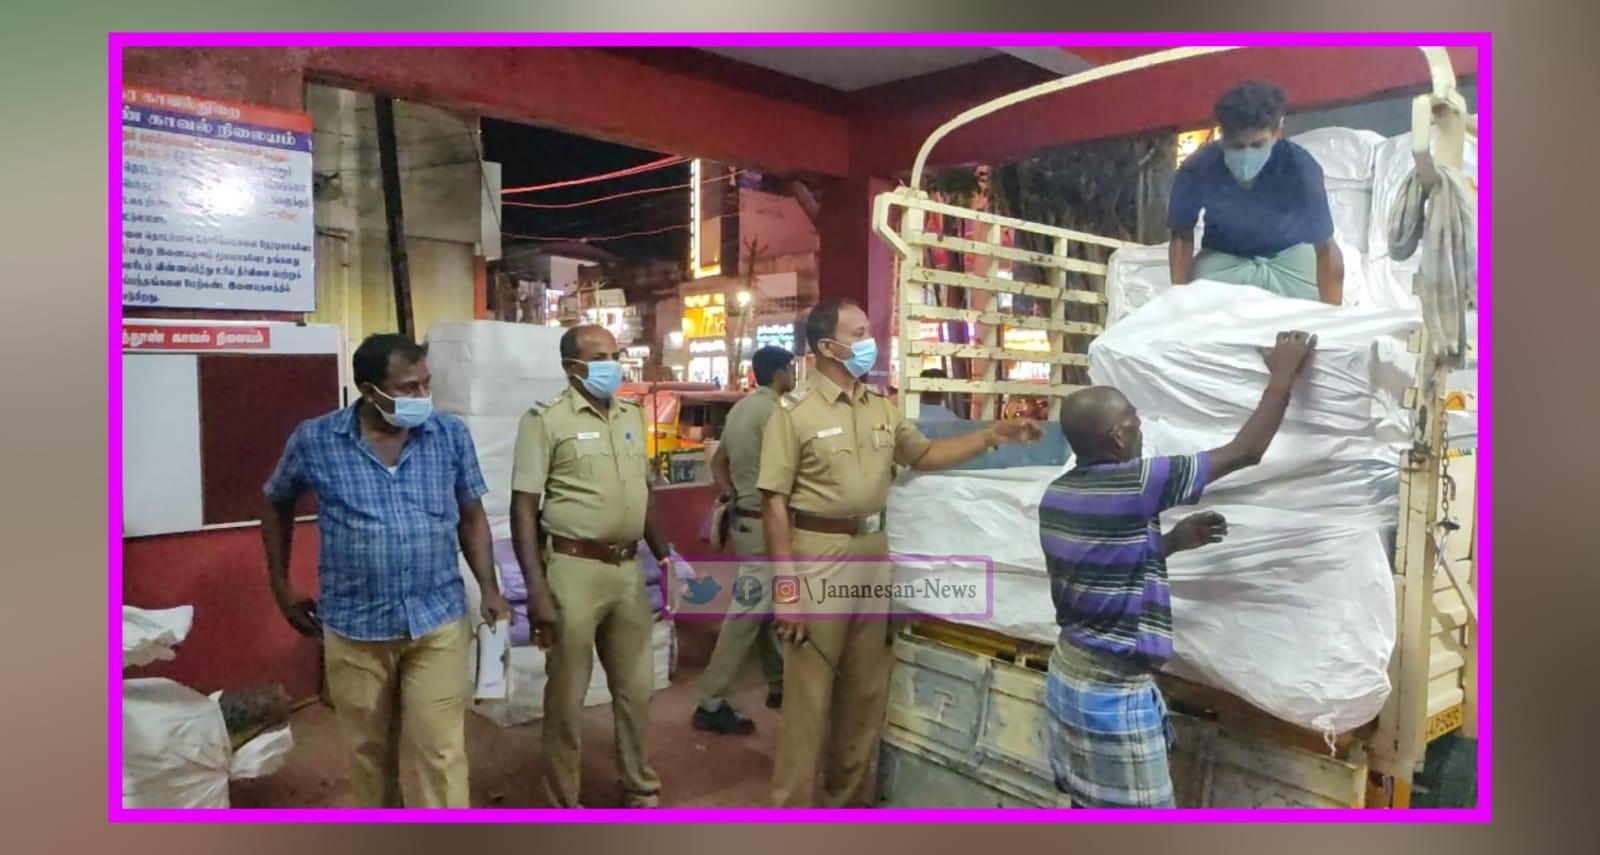 3 டன் அளவிலான போலி சிகரெட் பறிமுதல் : போலிஸ் விசாரணை.!!